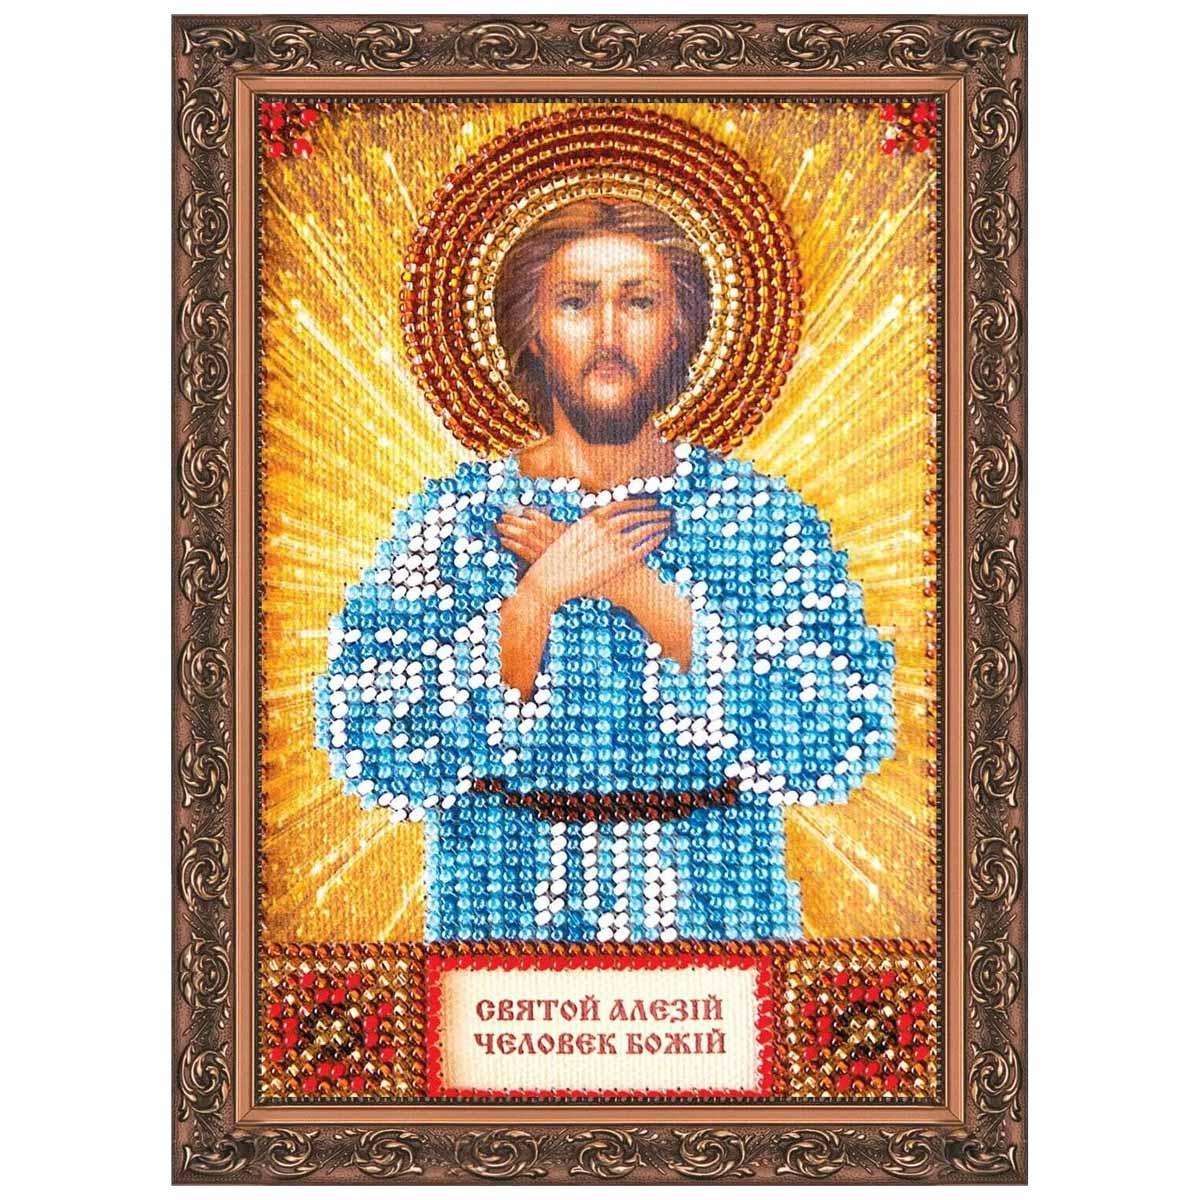 ААМ-003 Набор для вышивания бисером 'Абрис Арт' 'Святой Алексей', 10*15 см